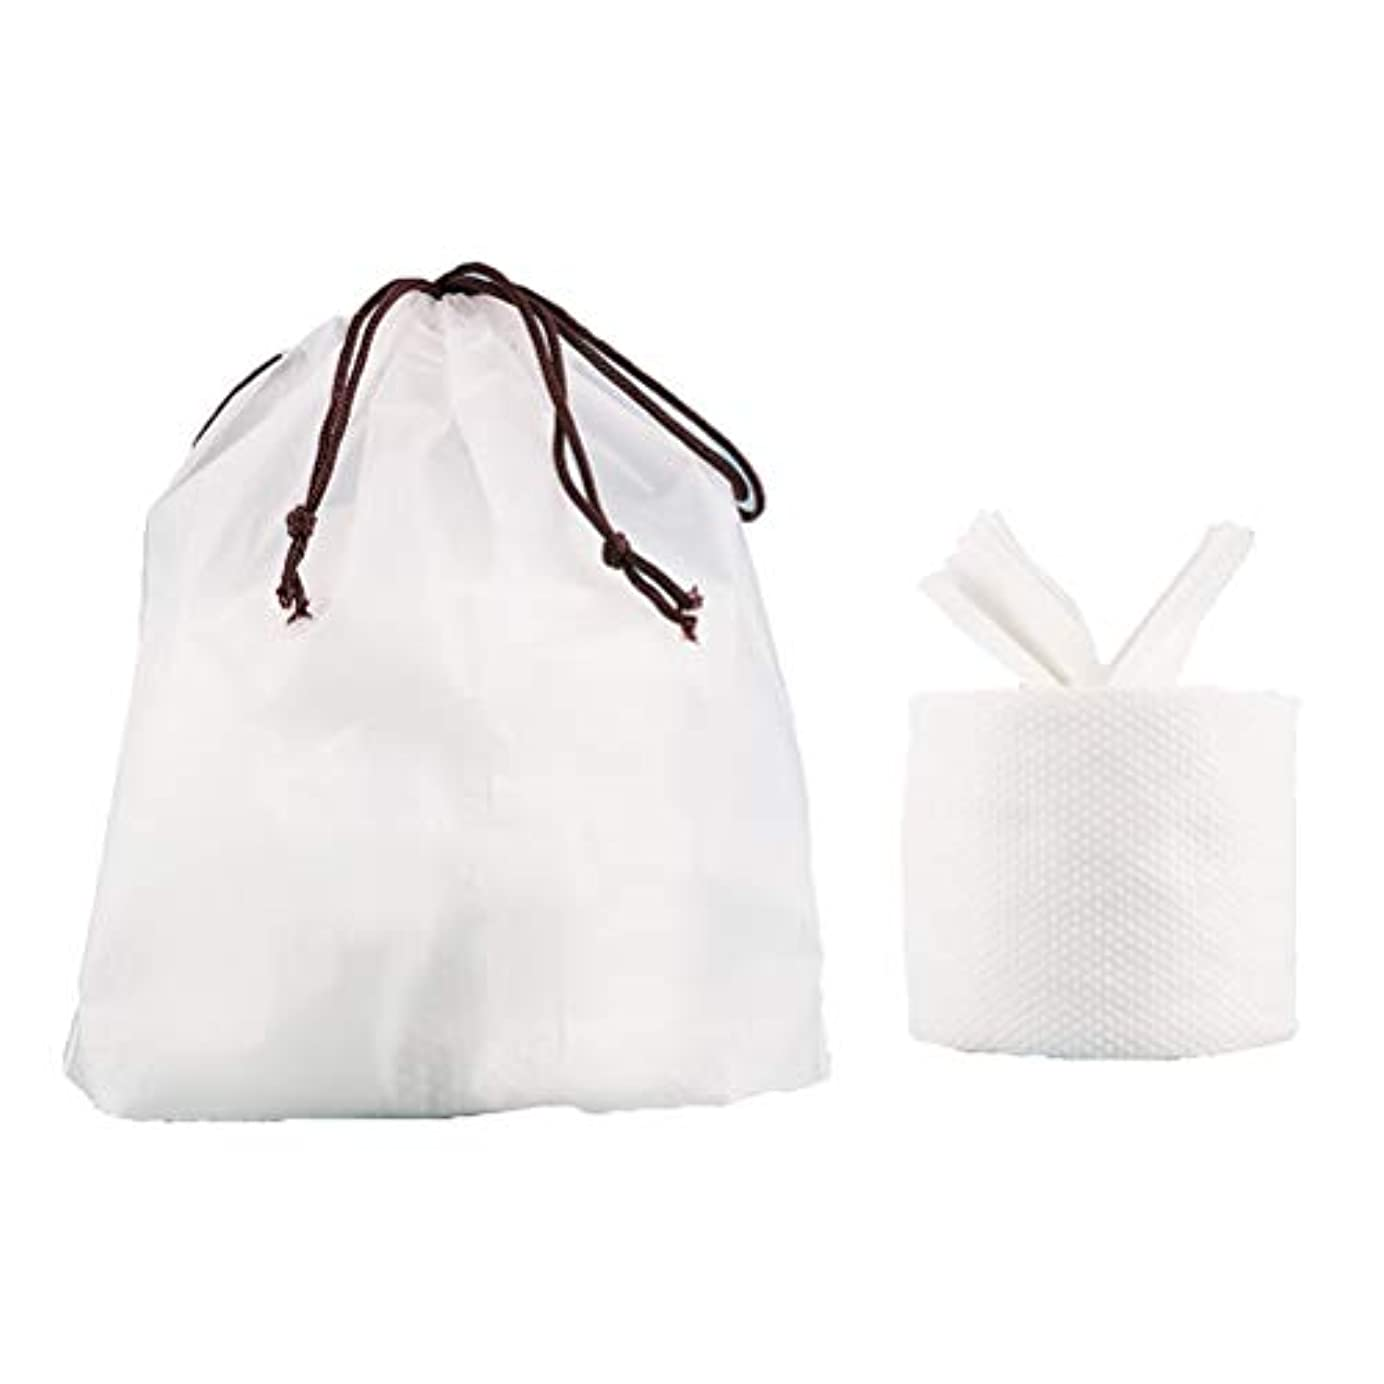 普遍的な目を覚ます既にHealifty フェイシャルコットンティッシュトラベルコットンタオルクレンジングワイパーウォッシュクロストラベルポータブルワイプ女性用(1ロールフェイスタオル+ 1個収納バッグ)